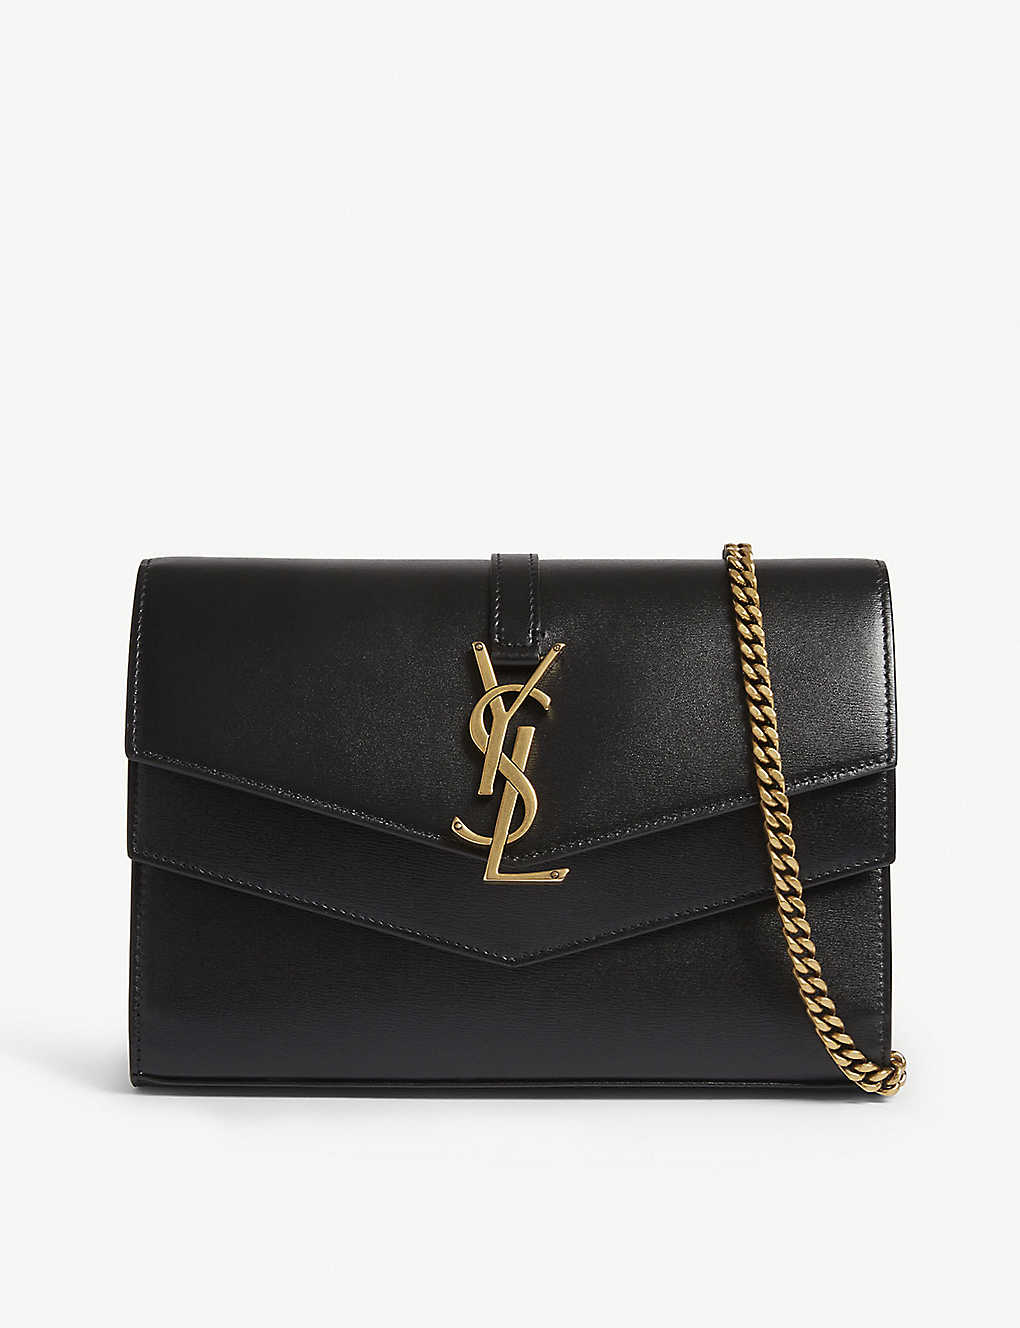 247338b8e8 SAINT LAURENT - Sulpice leather shoulder bag | Selfridges.com